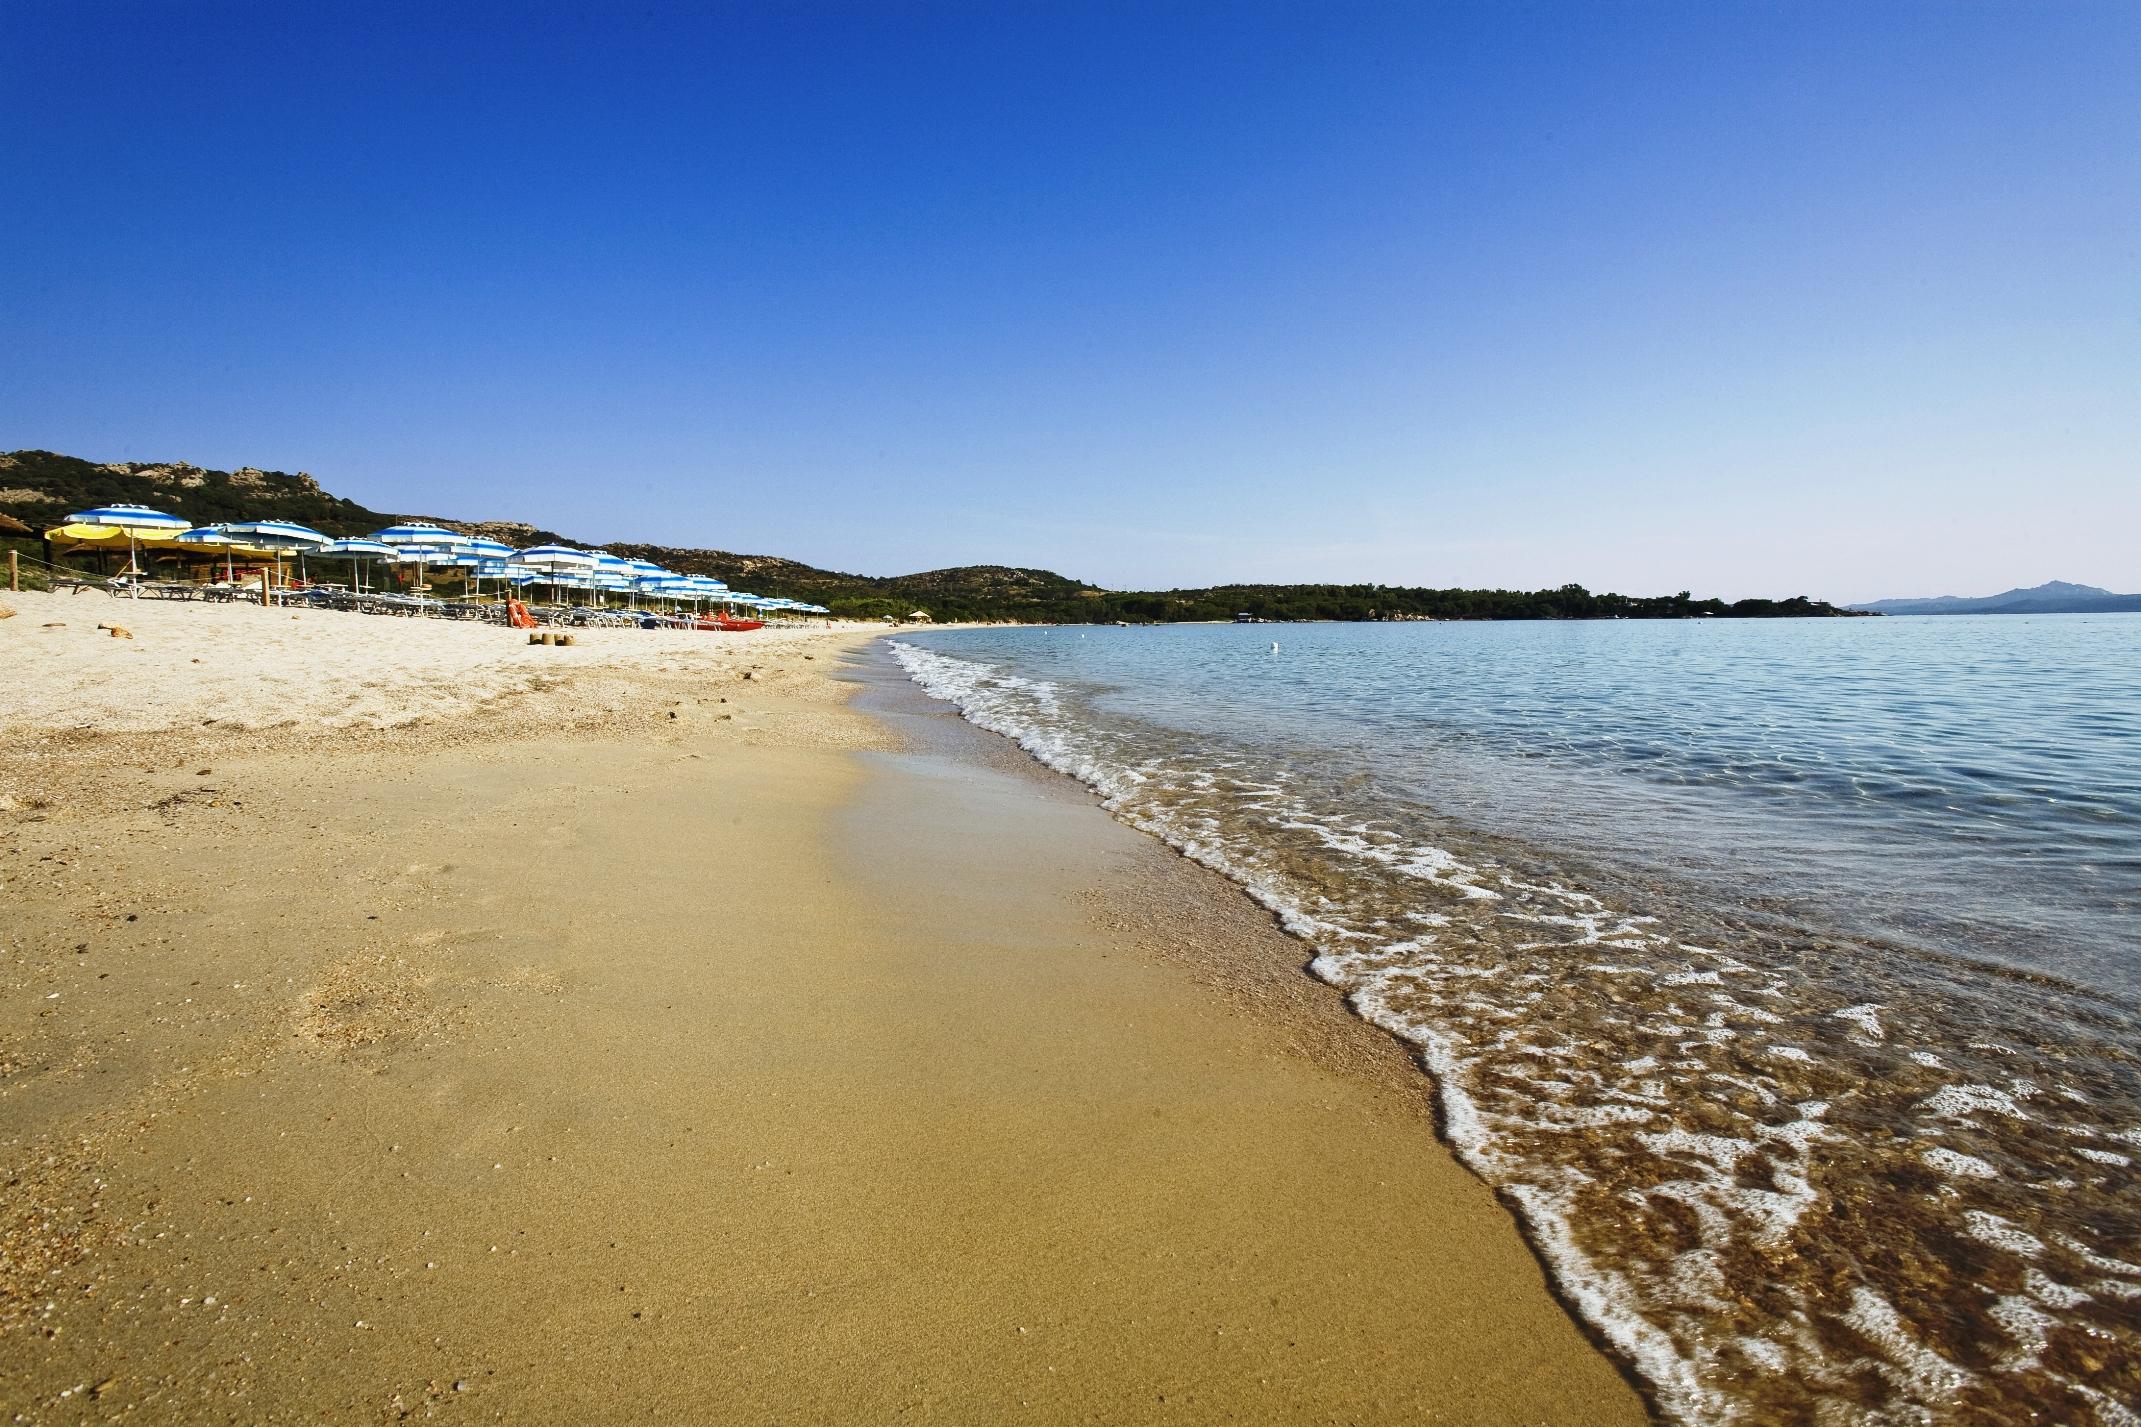 Spiaggia Mannena, spiaggia con Piscine